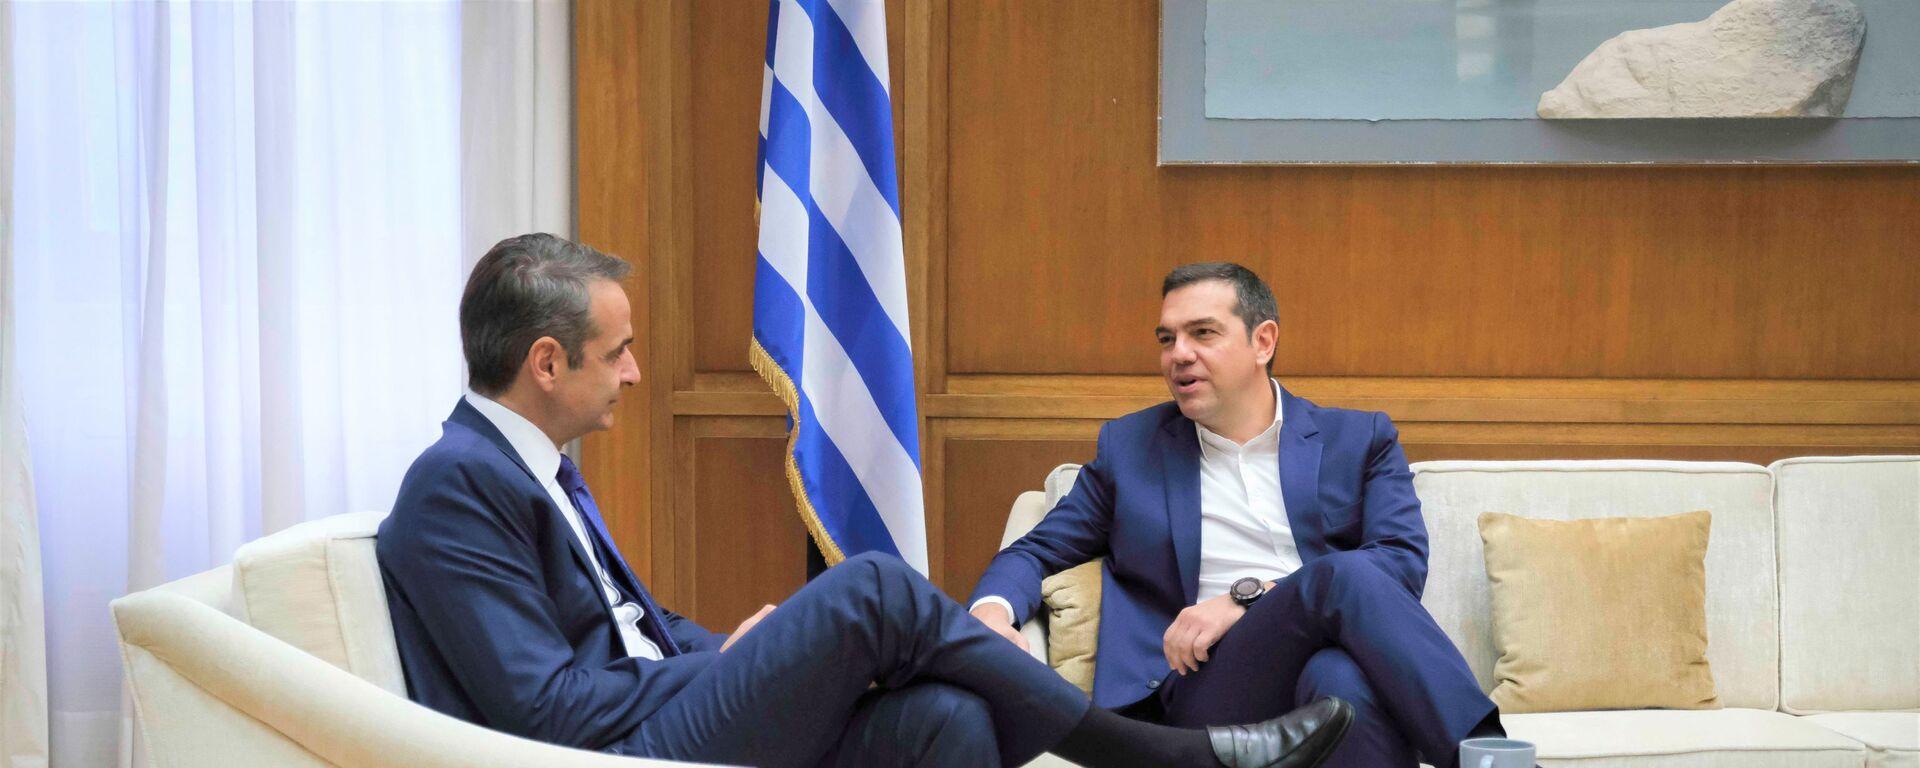 Συνάντηση Μητσοτάκη - Τσίπρα στη Βουλή - Sputnik Ελλάδα, 1920, 29.07.2021